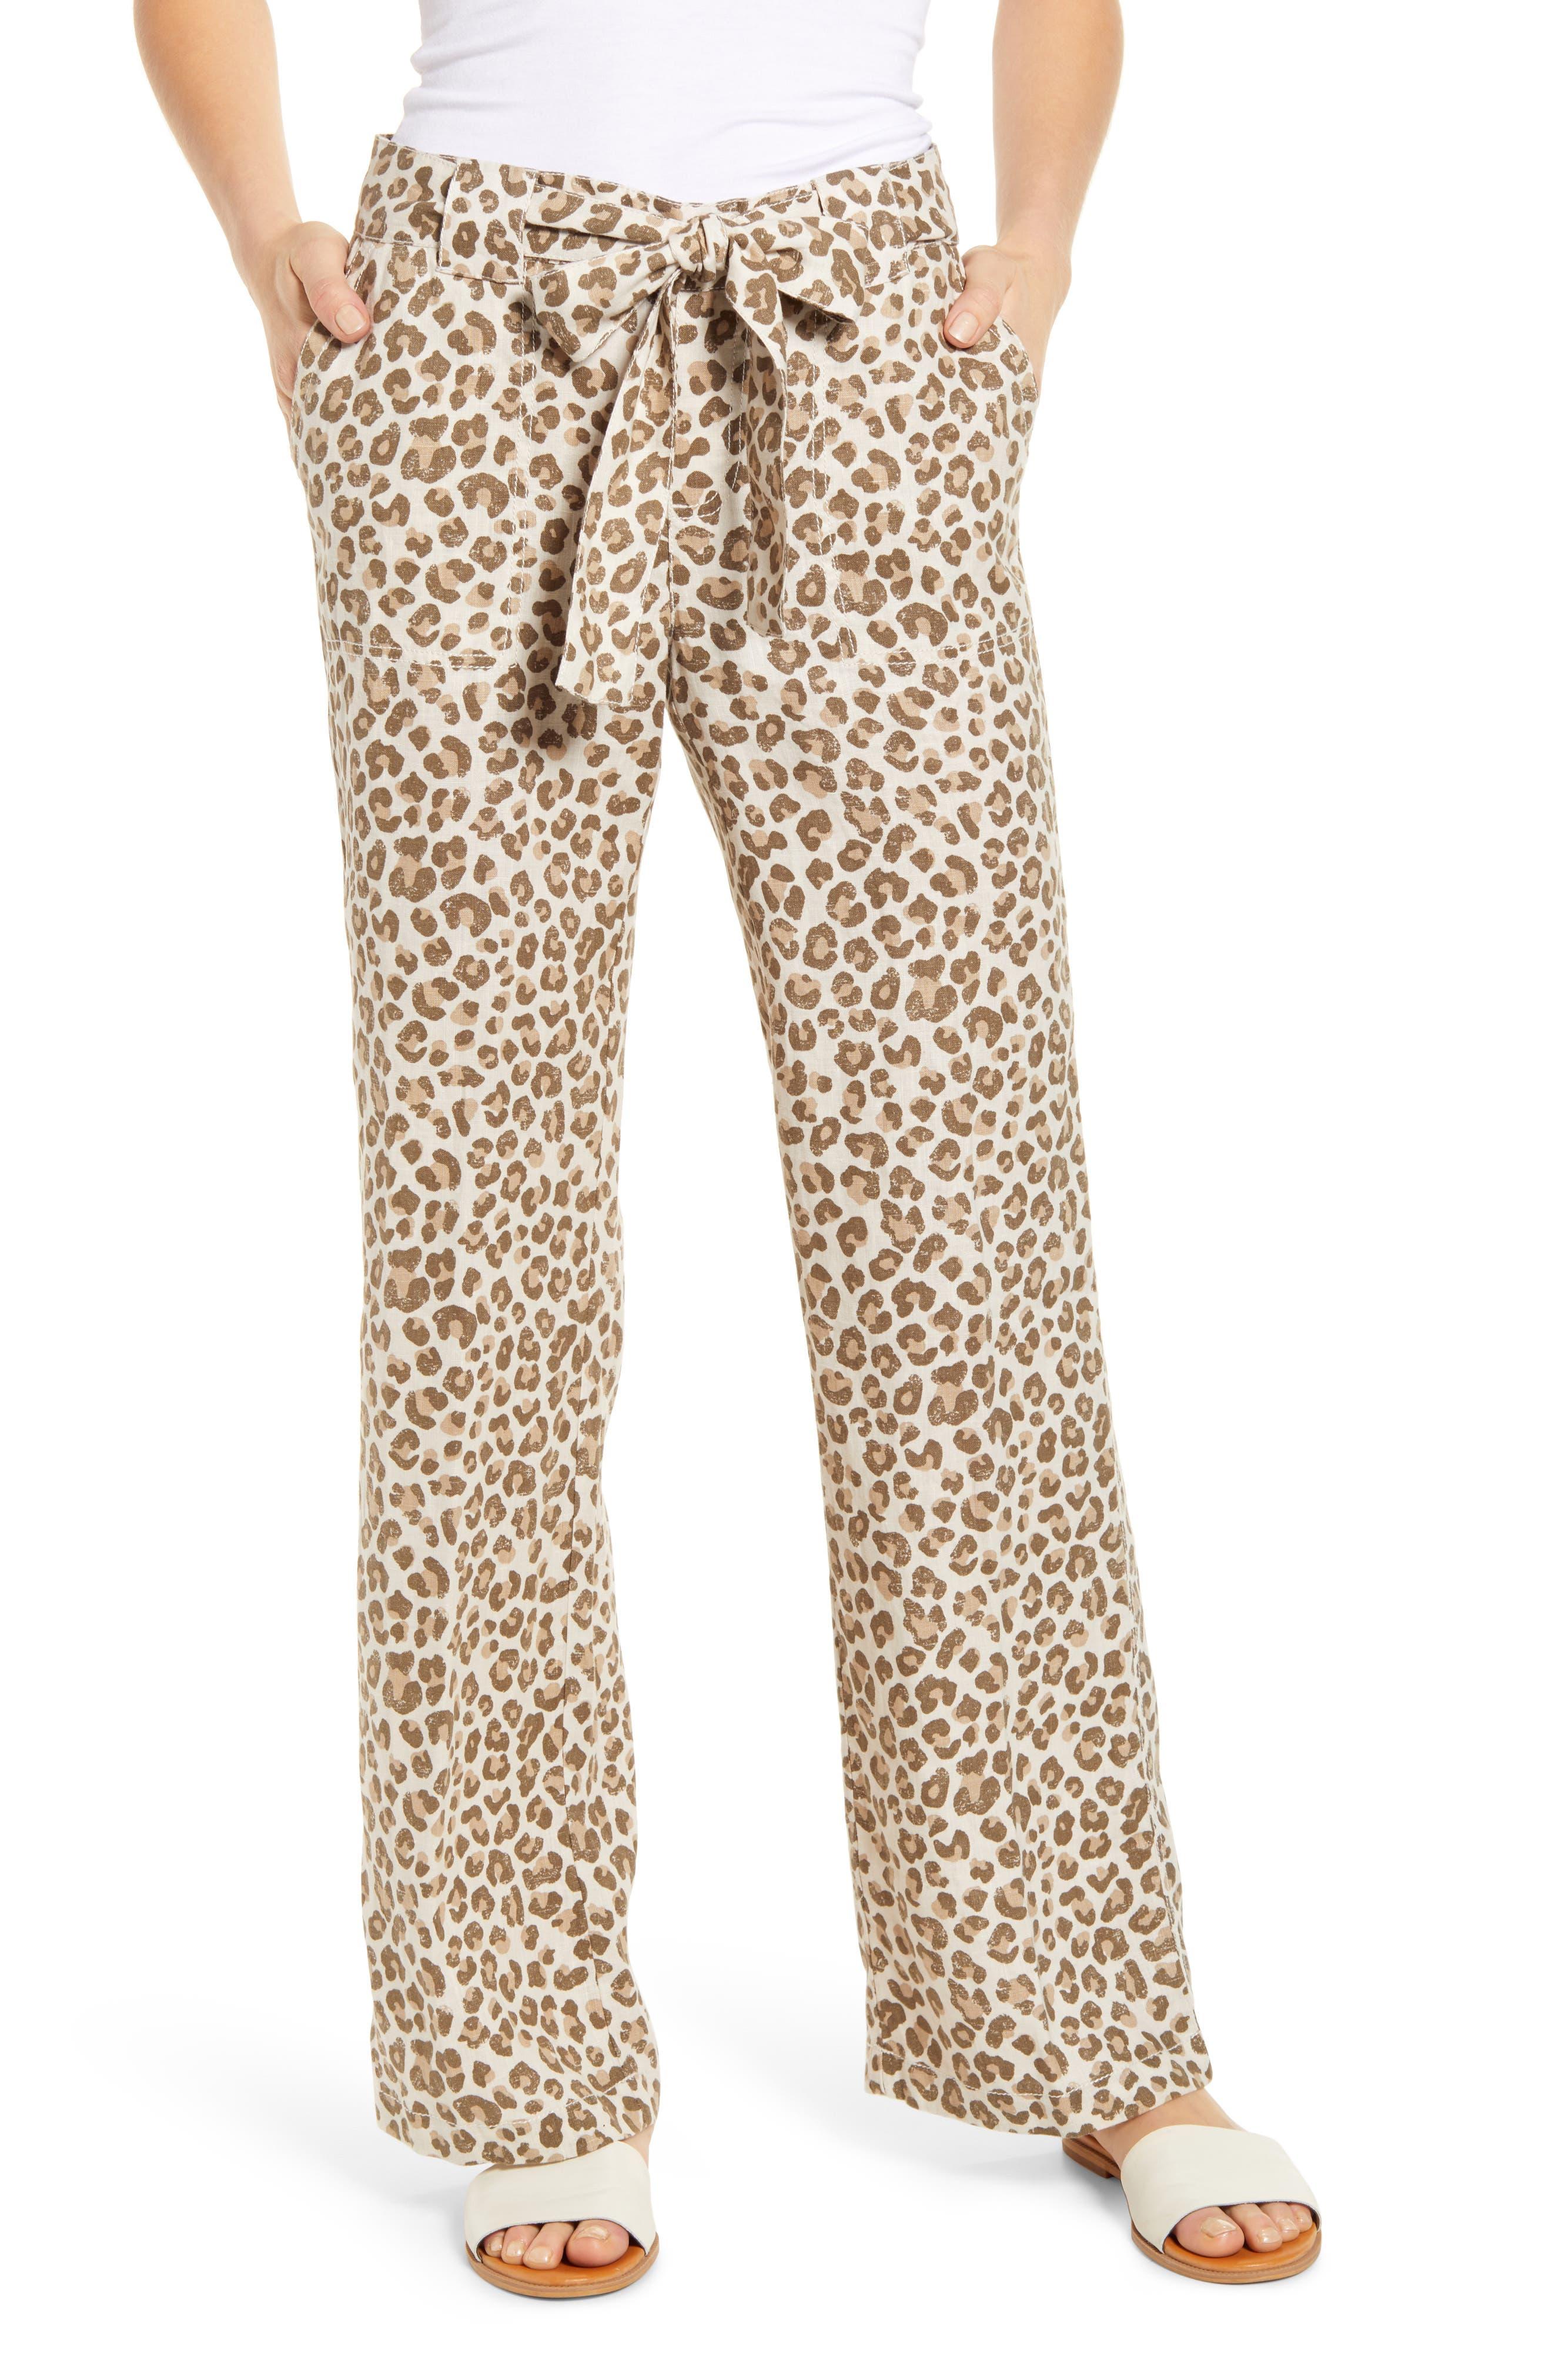 CaslonR Petite Women's Caslon Linen Drawstring Pants,  X-Large P - Beige